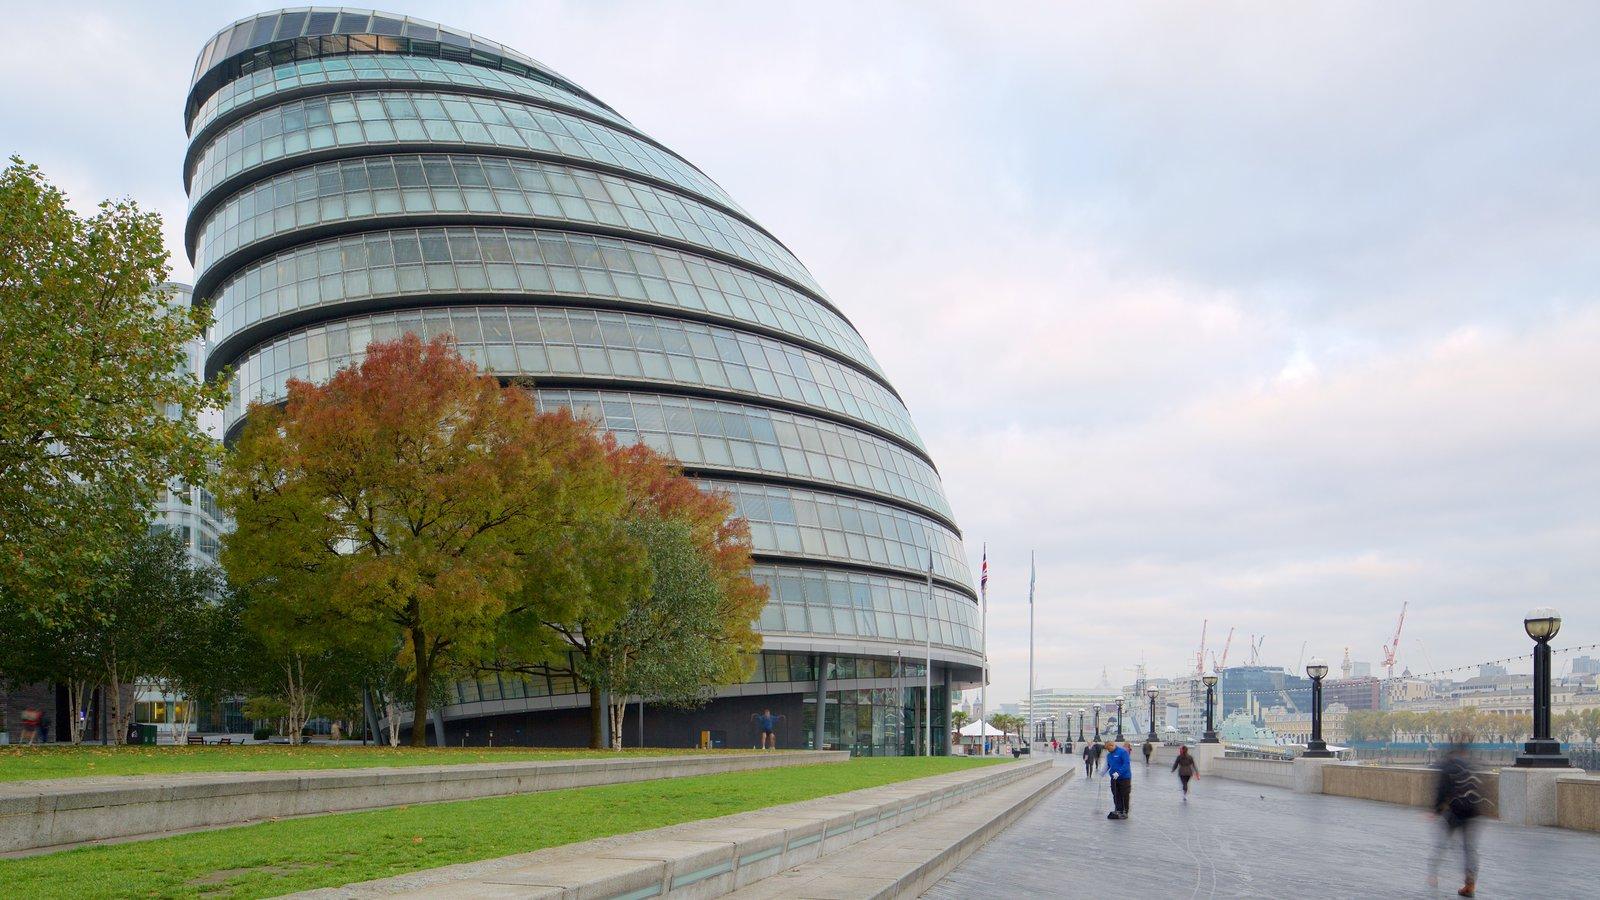 Ayuntamiento de Londres mostrando un edificio administrativo y arquitectura moderna